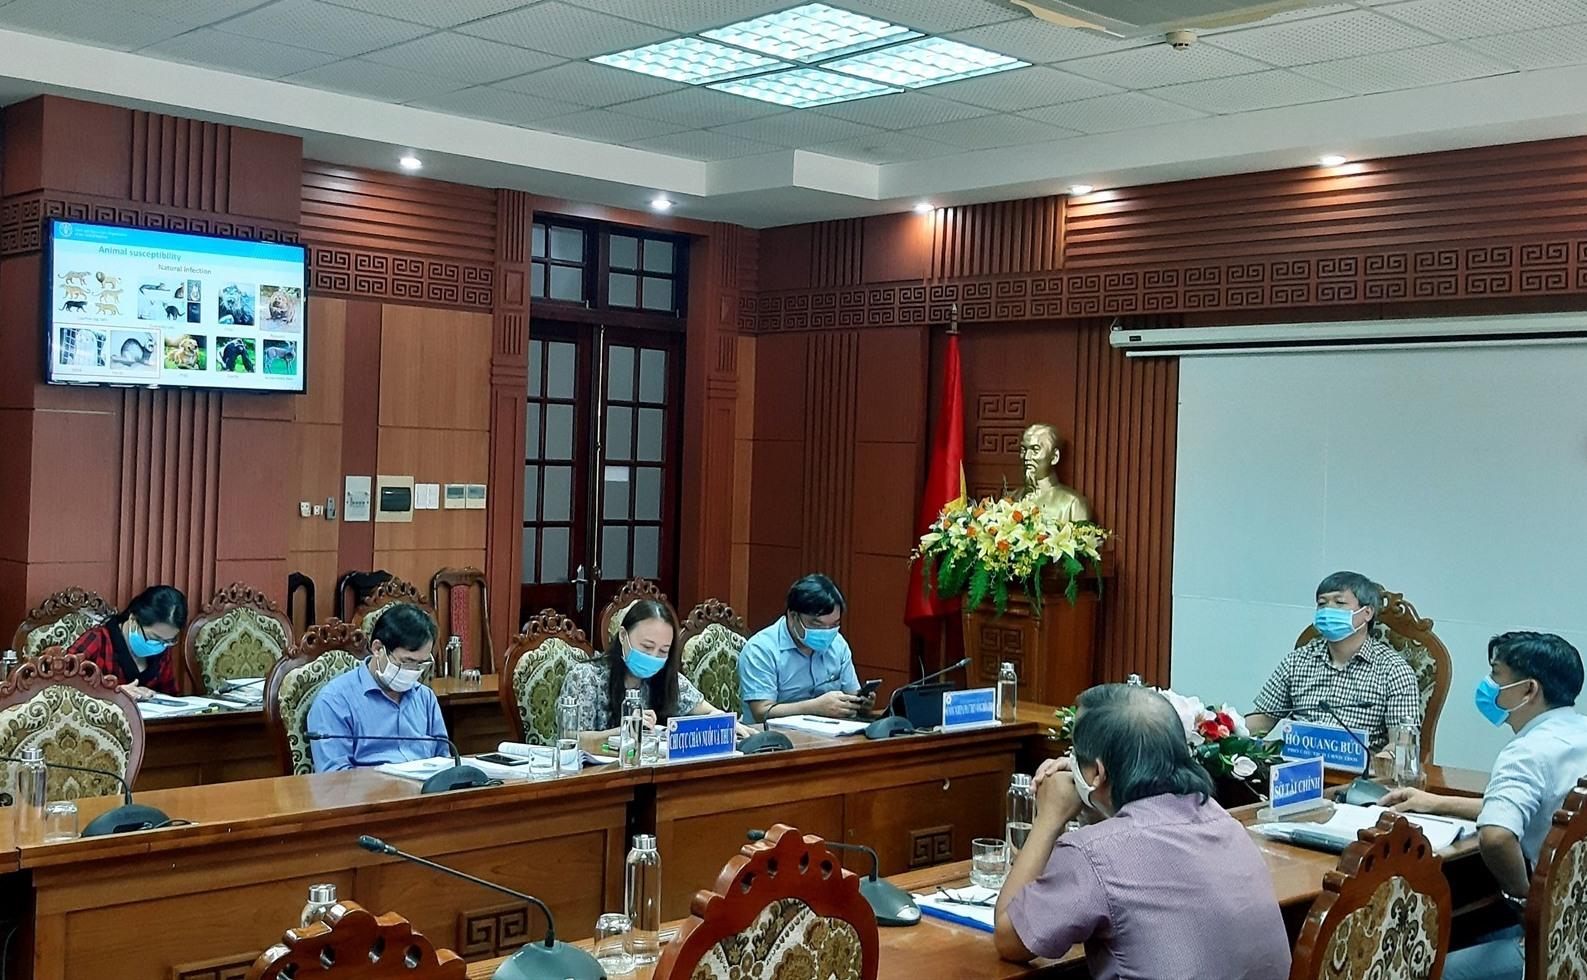 Phó Chủ tịch UBND tỉnh Hồ Quang Bửu cùng lãnh đạo một số ngành liên quan tham dự hội nghị tại điểm cầu Quảng Nam. Ảnh: N.S